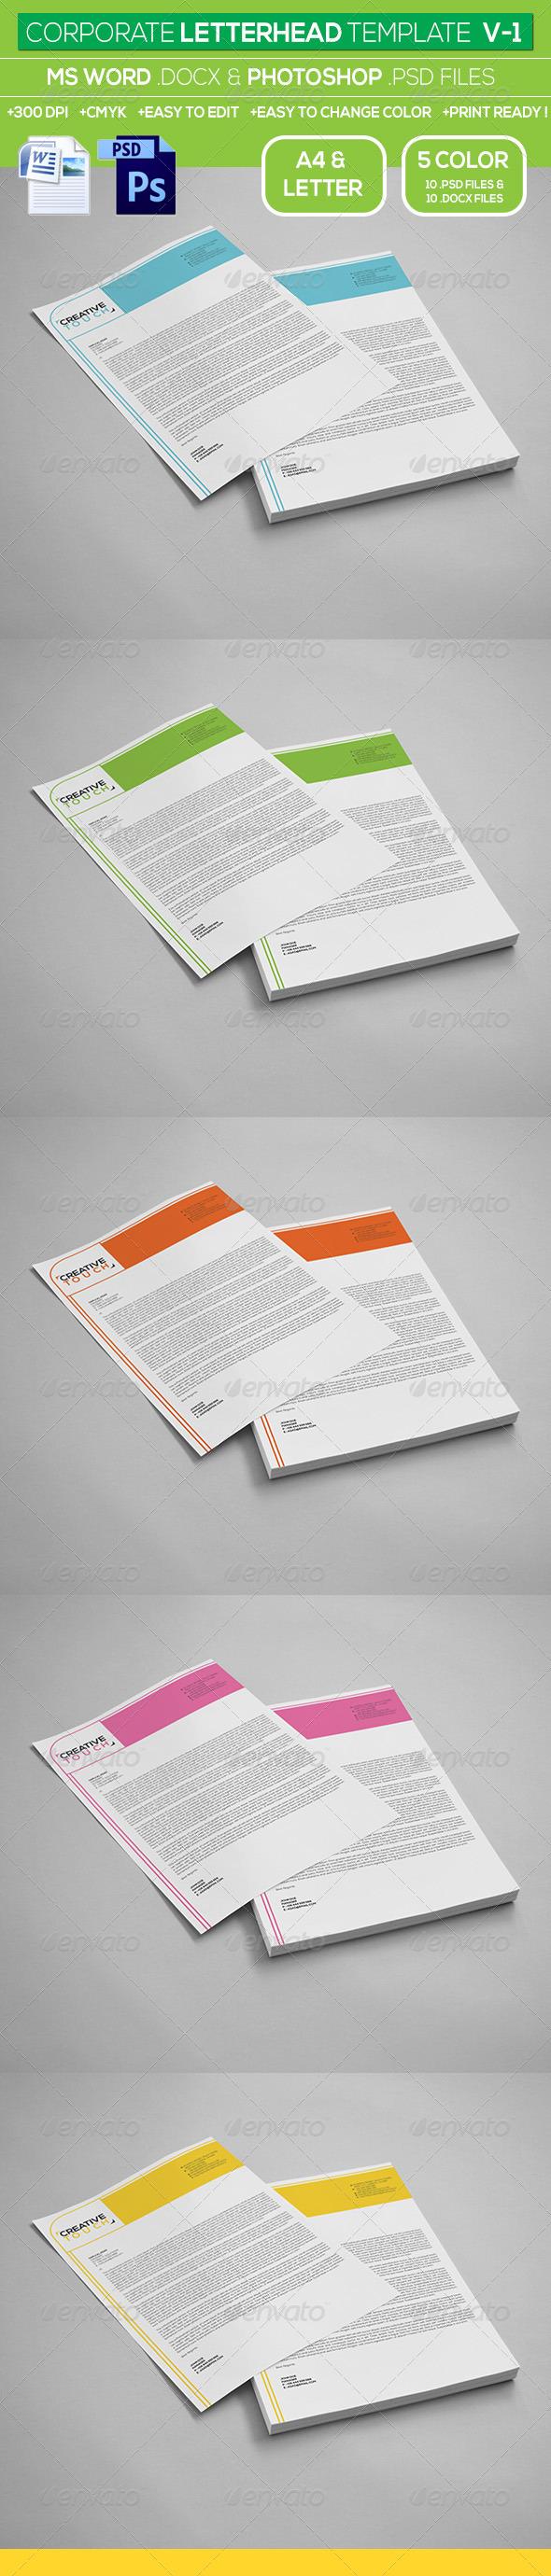 GraphicRiver Corporate Letterhead Template V-1 7062502